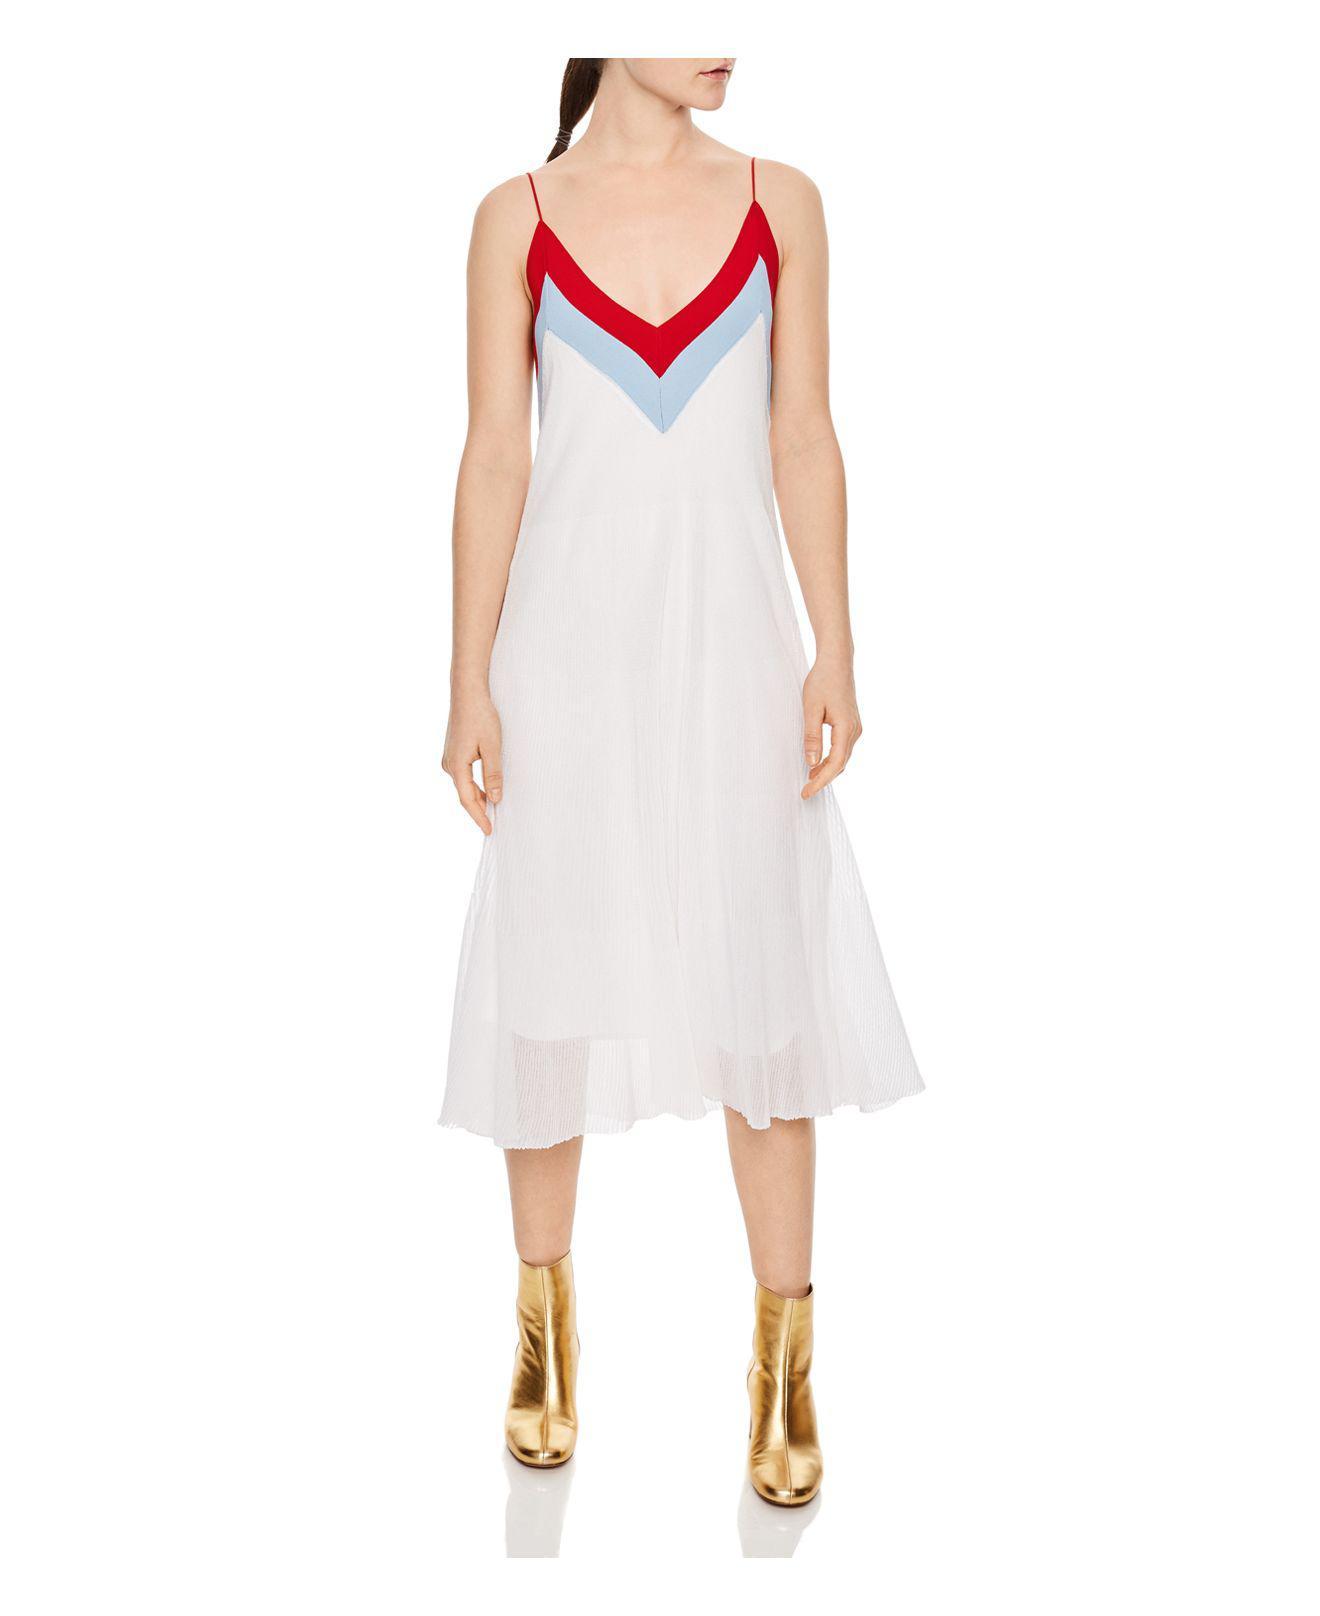 6bf2e40f75 Sandro Ilia Color-block Dress in White - Lyst